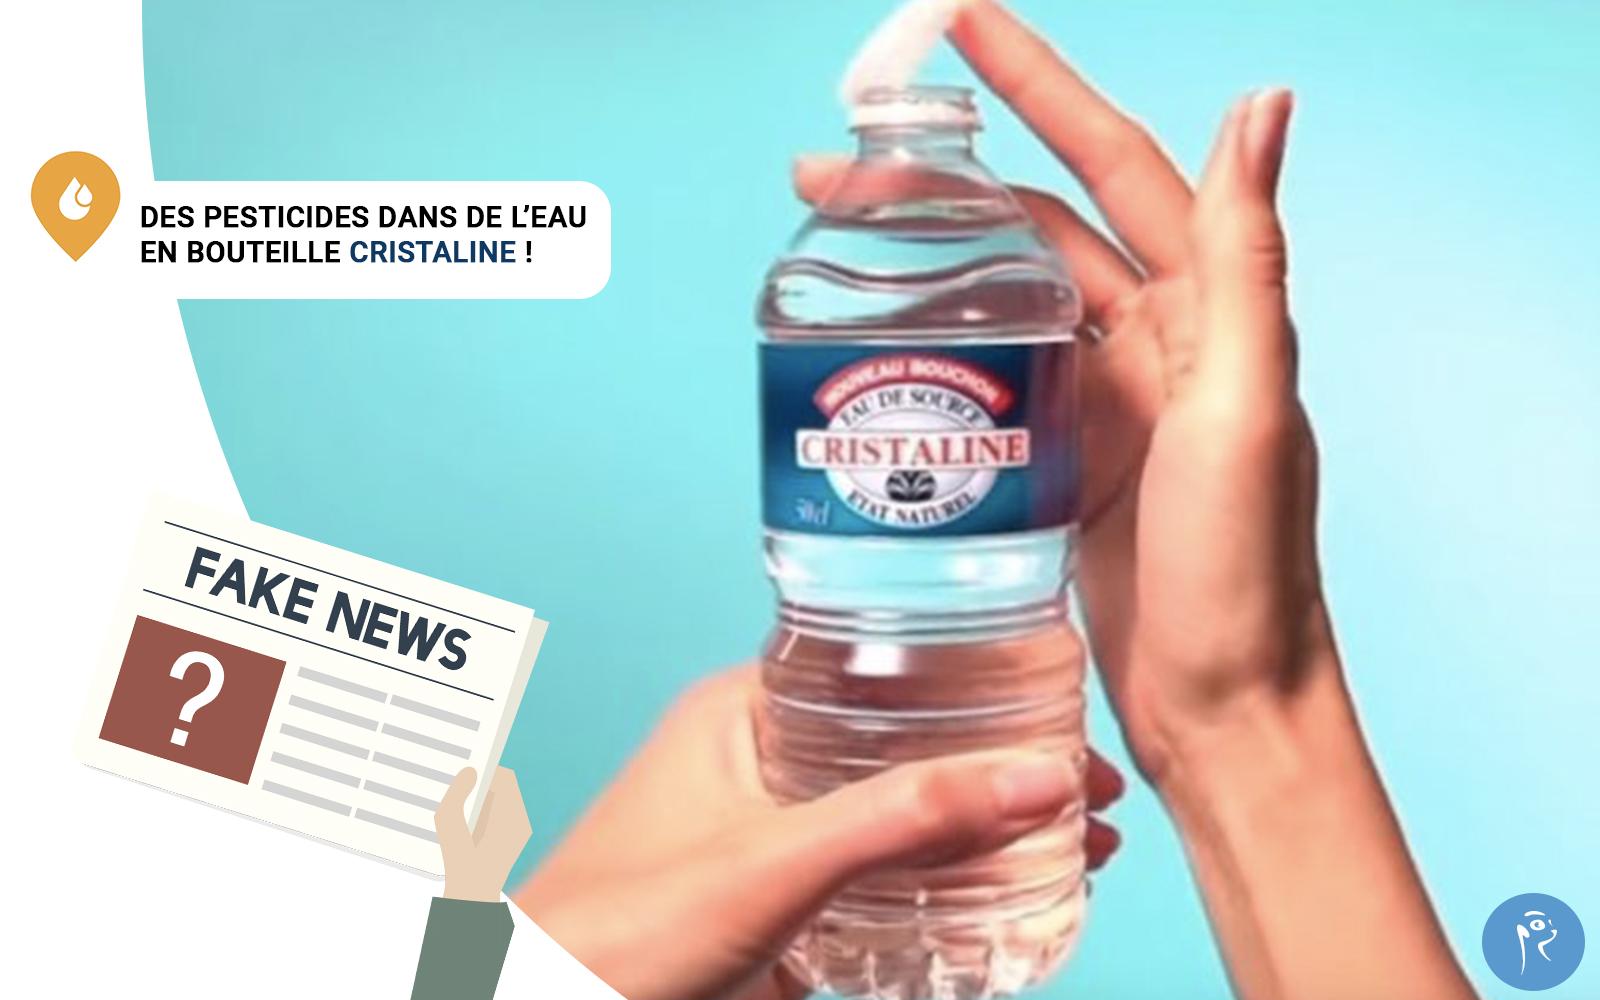 Des pesticides dans de l'eau en bouteille cristaline!